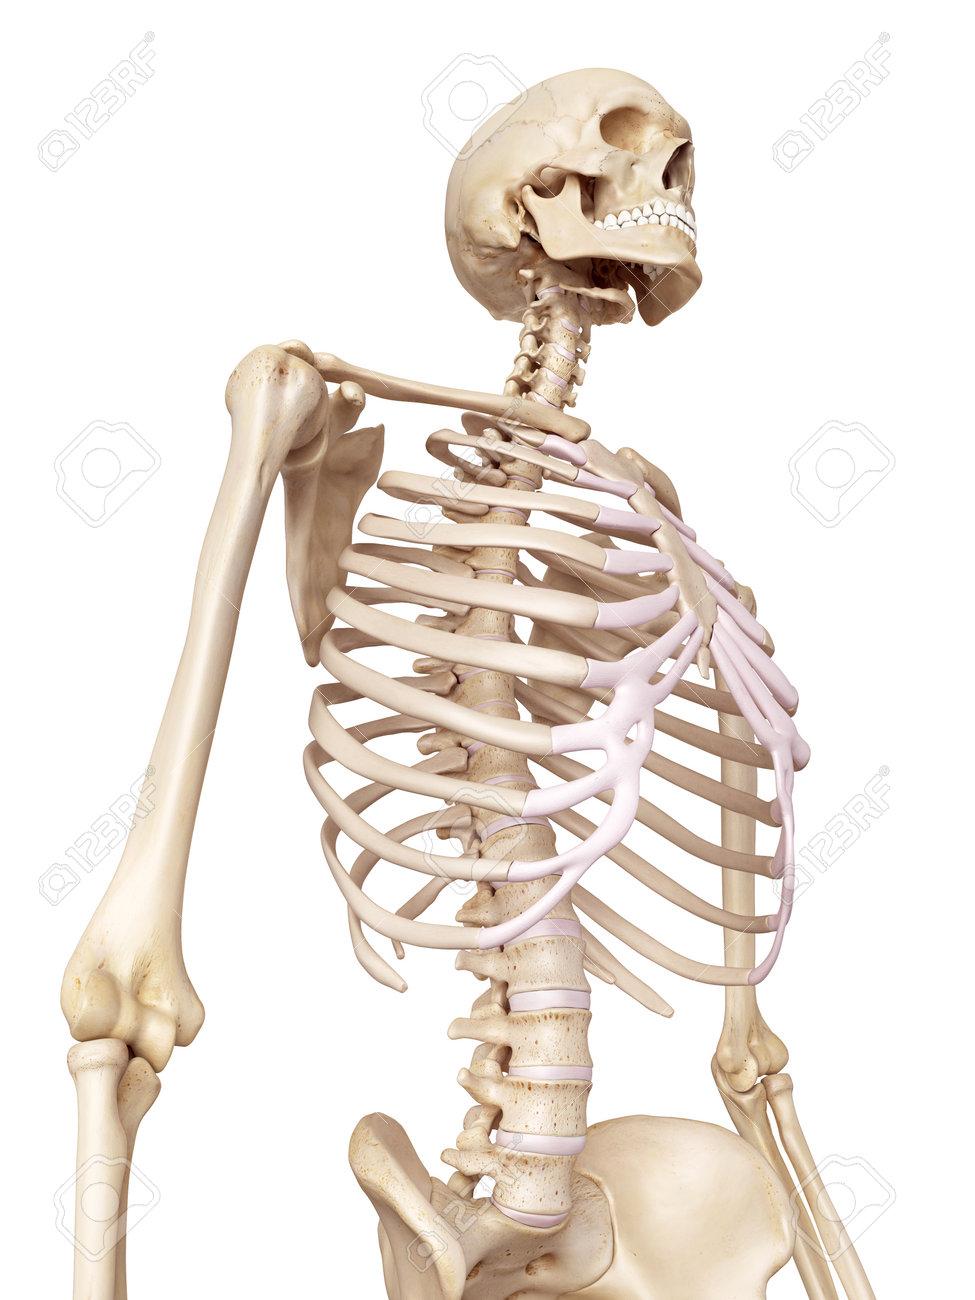 Médicale Illustration Exacte Du Squelette Humain Banque D Images Et ... 6b40a26ebd6